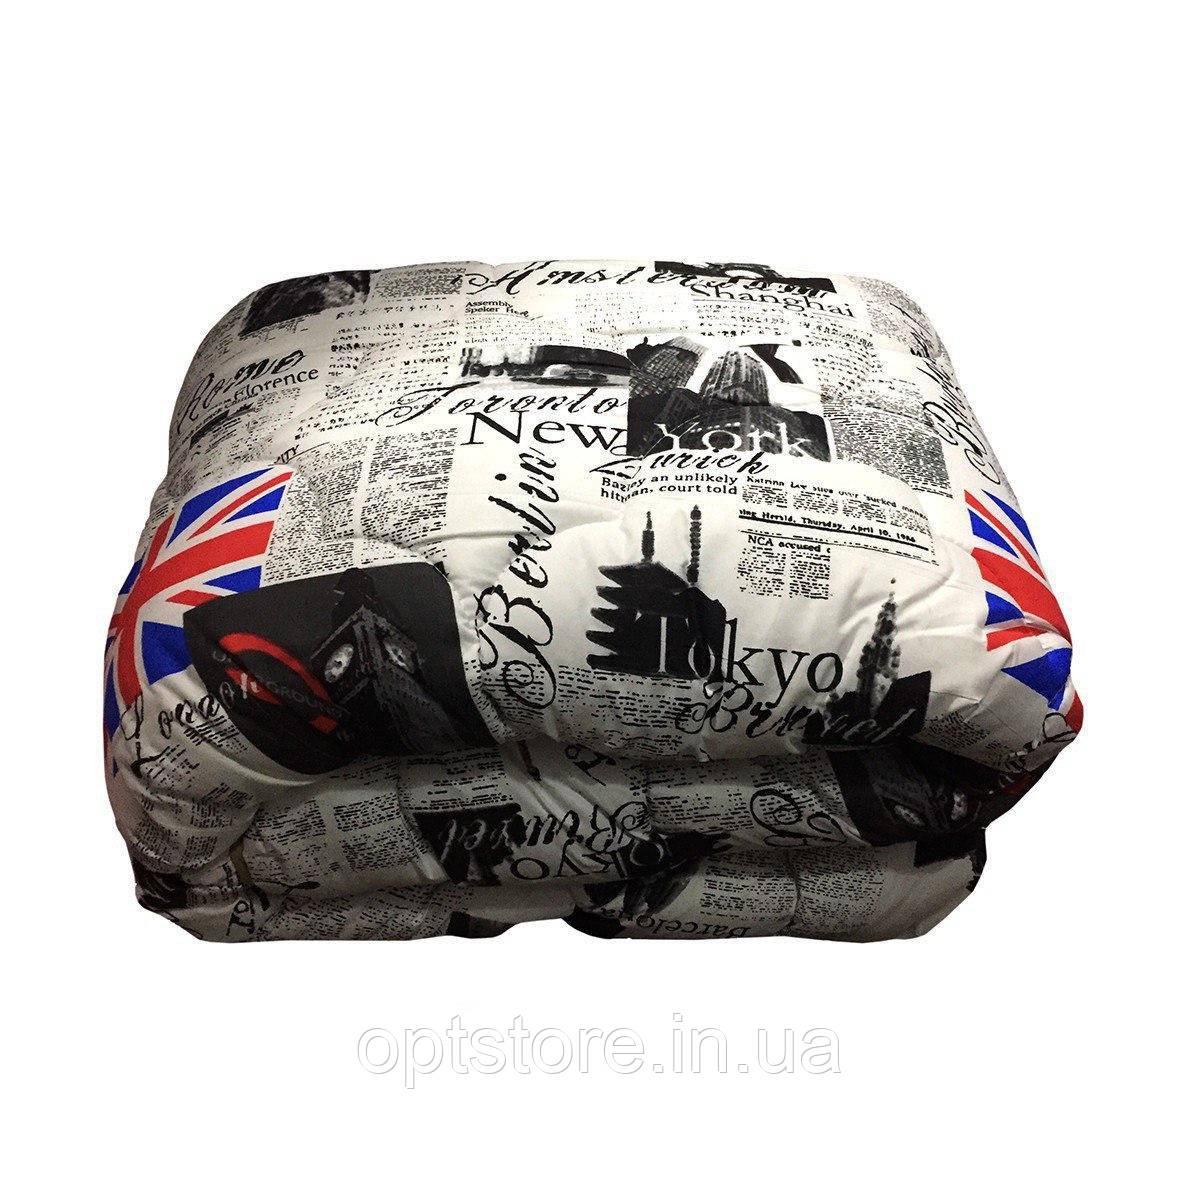 Одеяло евро 200/220 шерсть овечья натуральная, ткань поплин